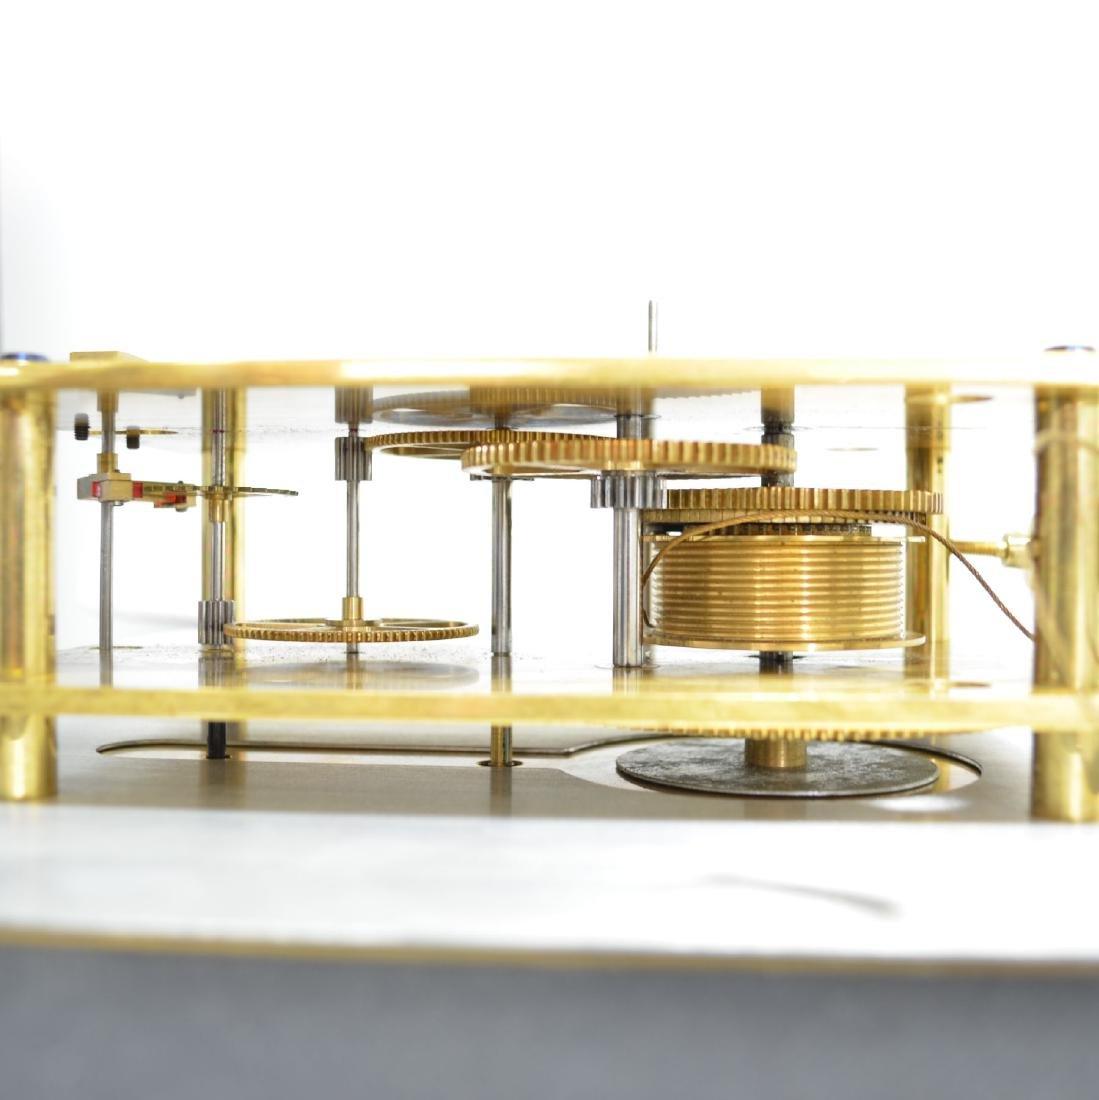 BILLERBECK/NIENABER No. 06 precision pendulum clock - 5